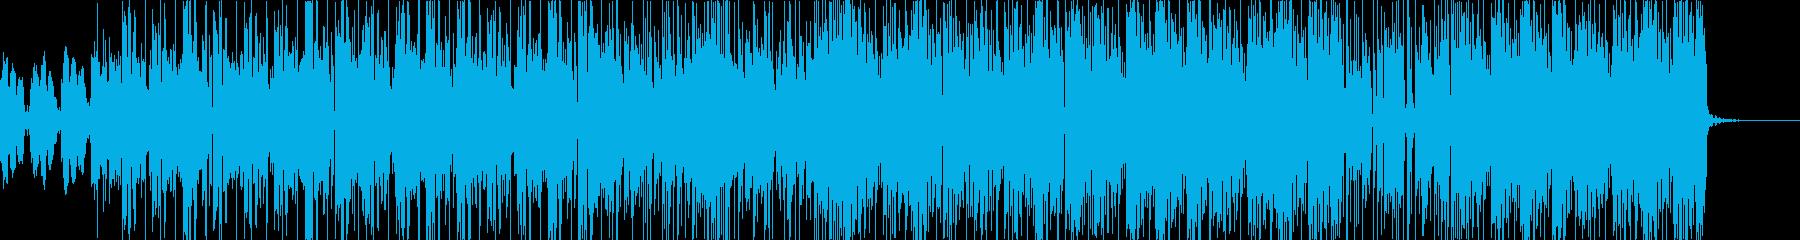 夏をテーマにしたモダンなポップ/ ...の再生済みの波形